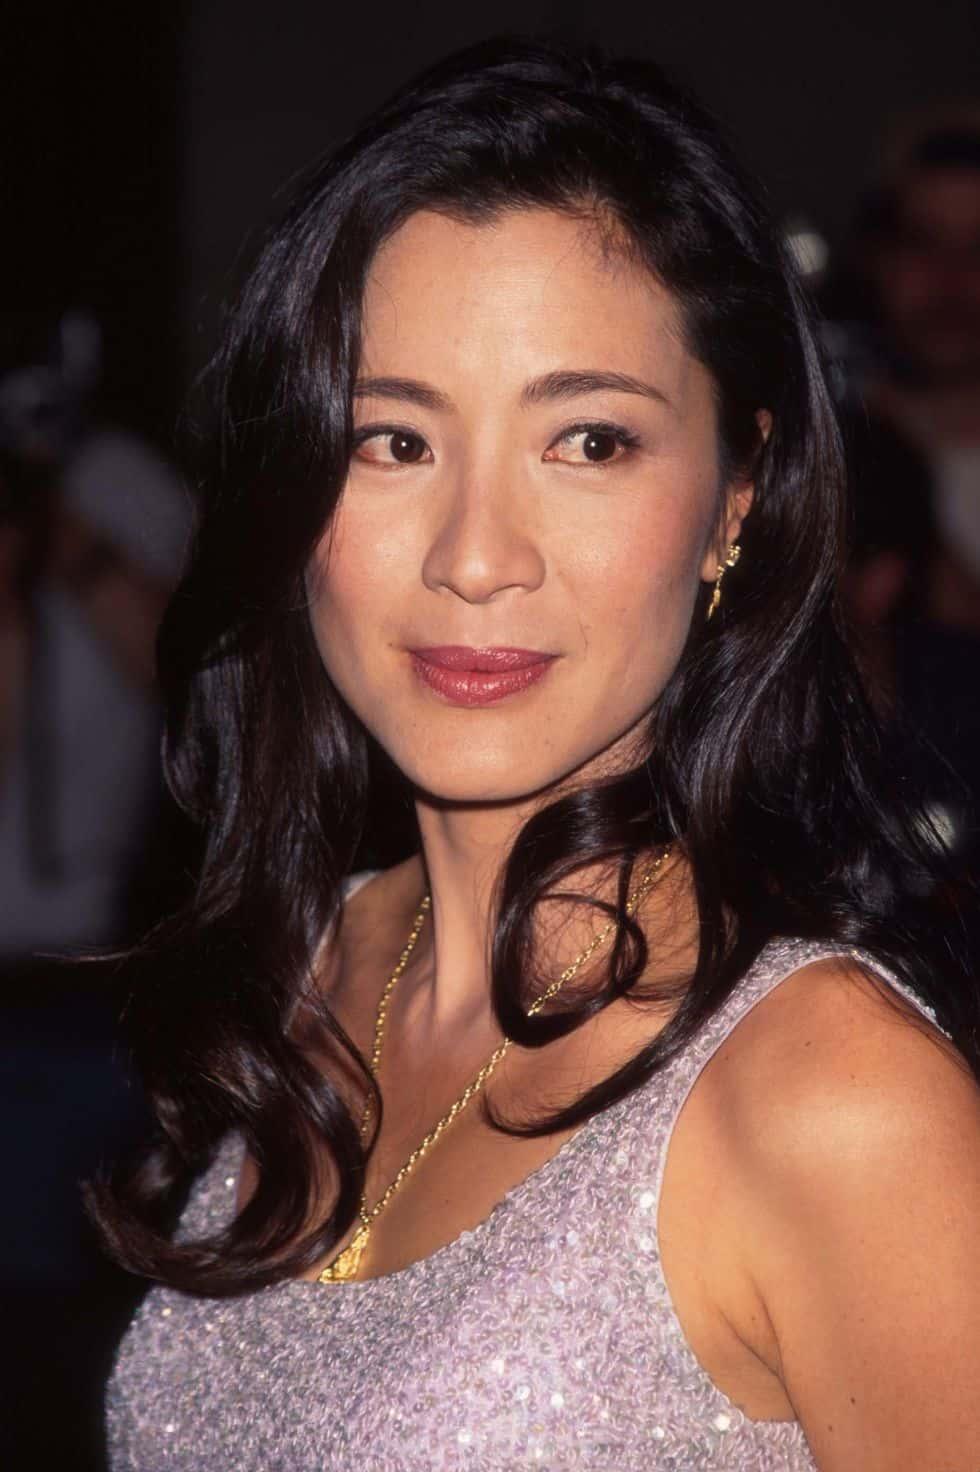 THEN: Michelle Yeoh